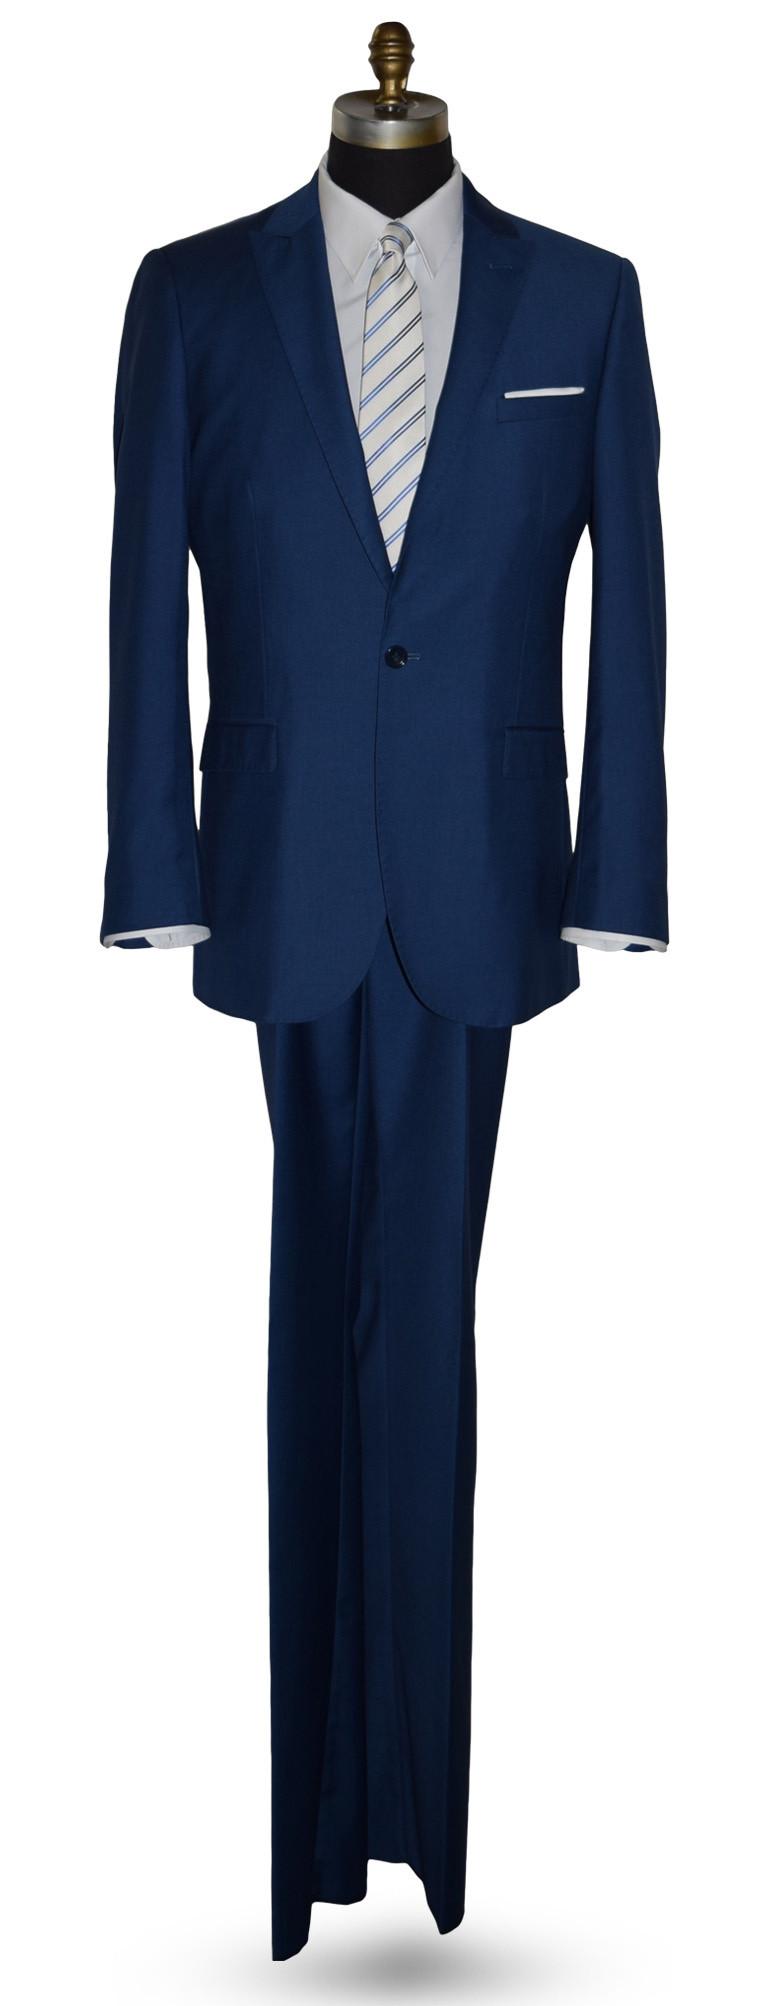 Azure Blue Suit Coat and Pants Set - Ensemble